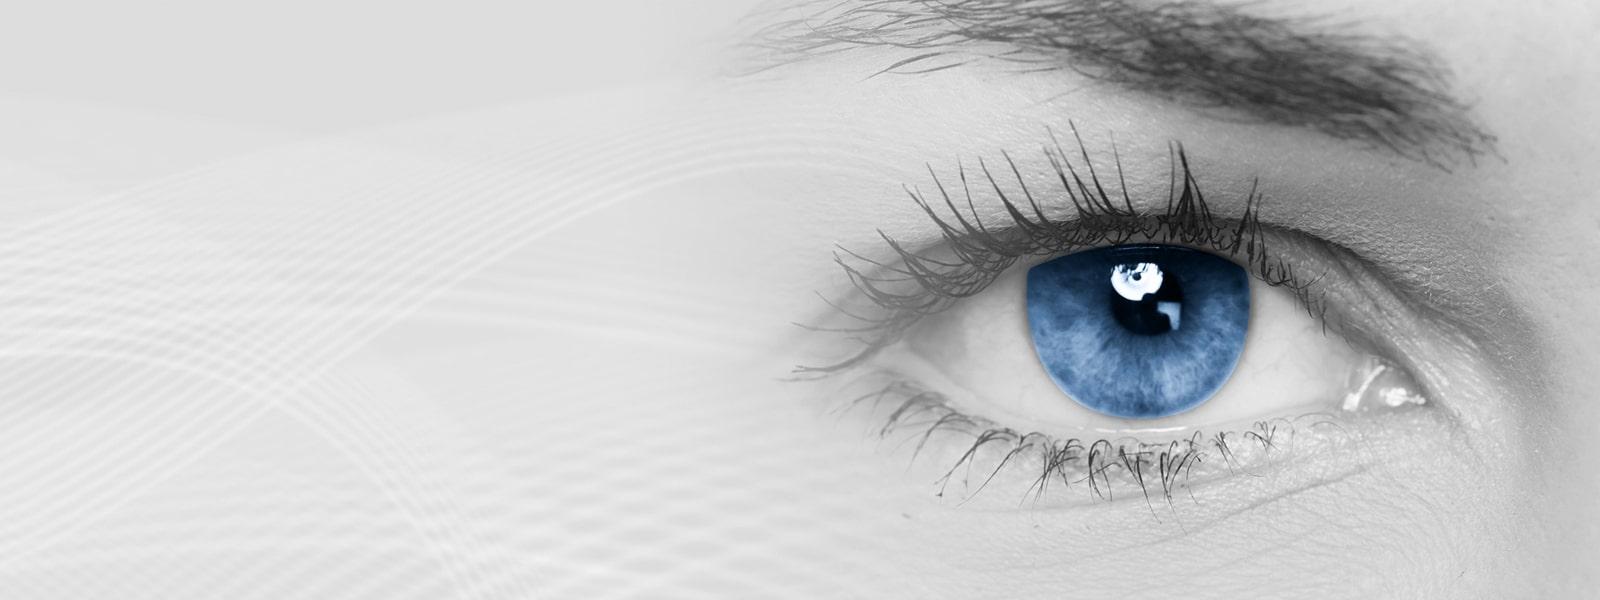 Centre de santé Paris-Ouest - Ophtalmologie - Consultations - Chirurgie